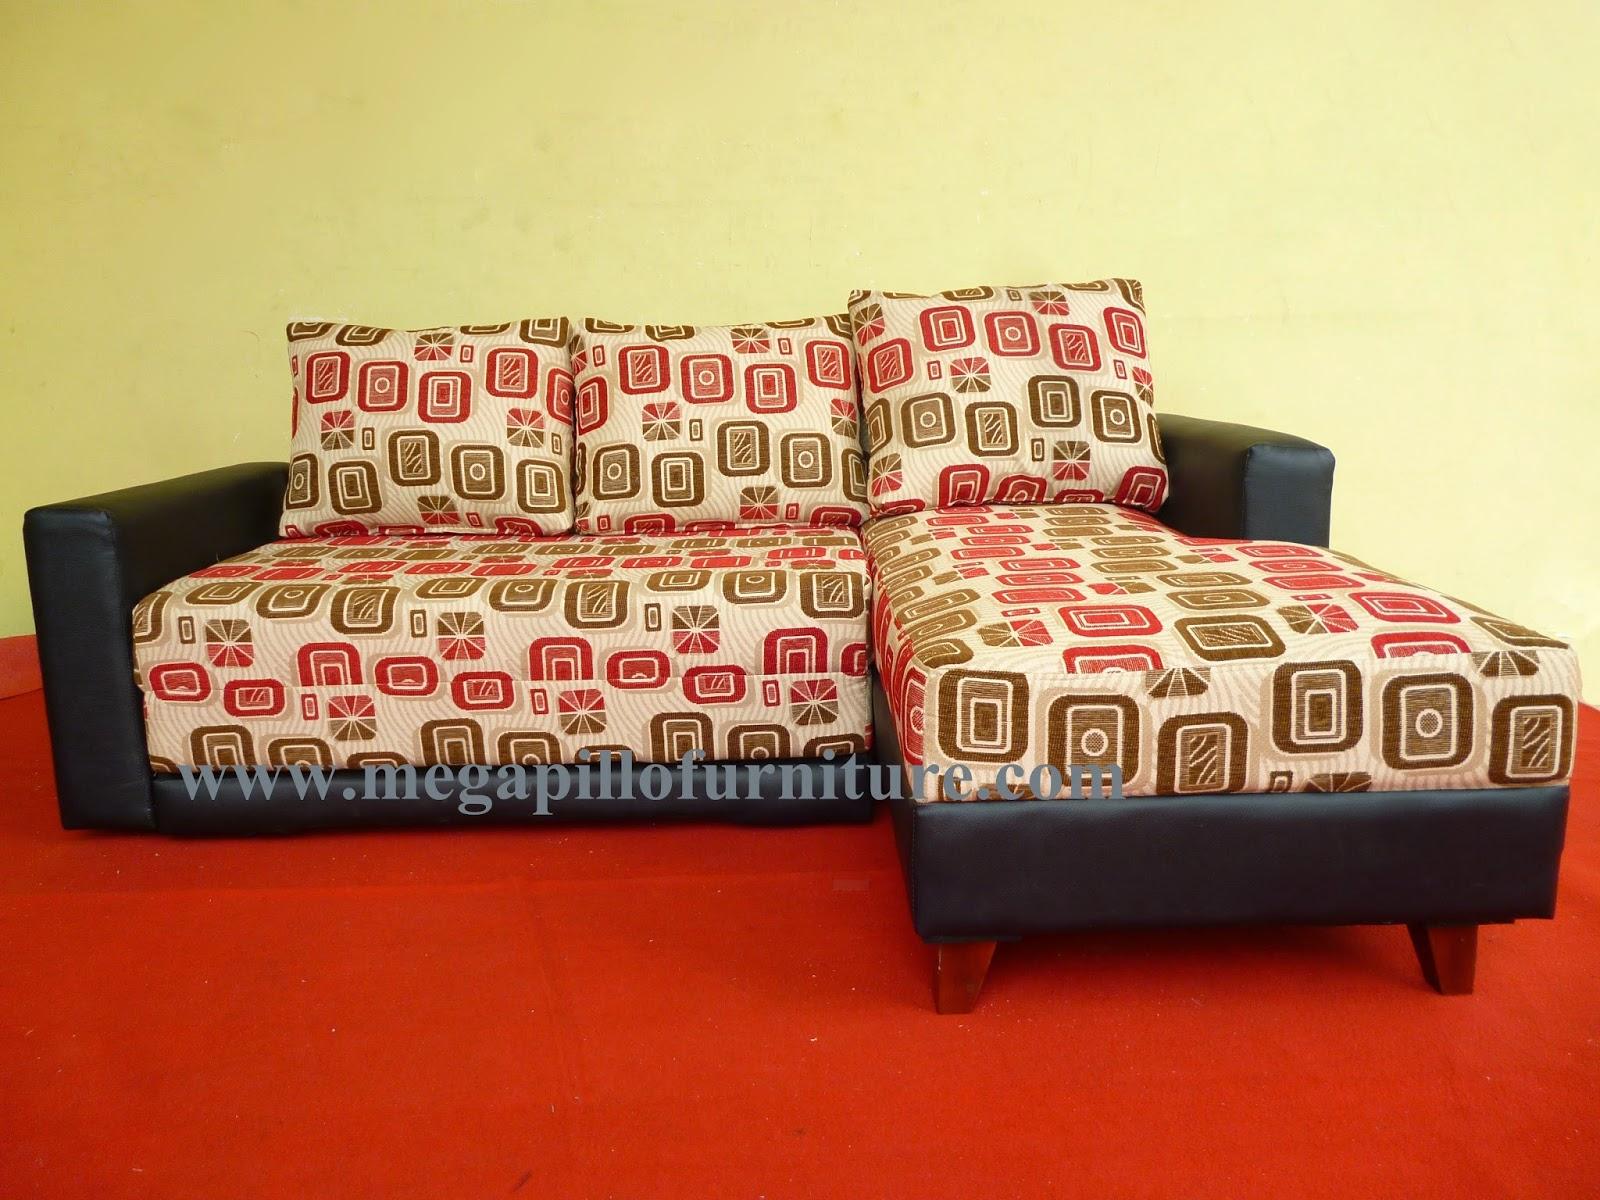 Megapillo Furniture Spring Bed Online Shop Sofa Bed Lipat